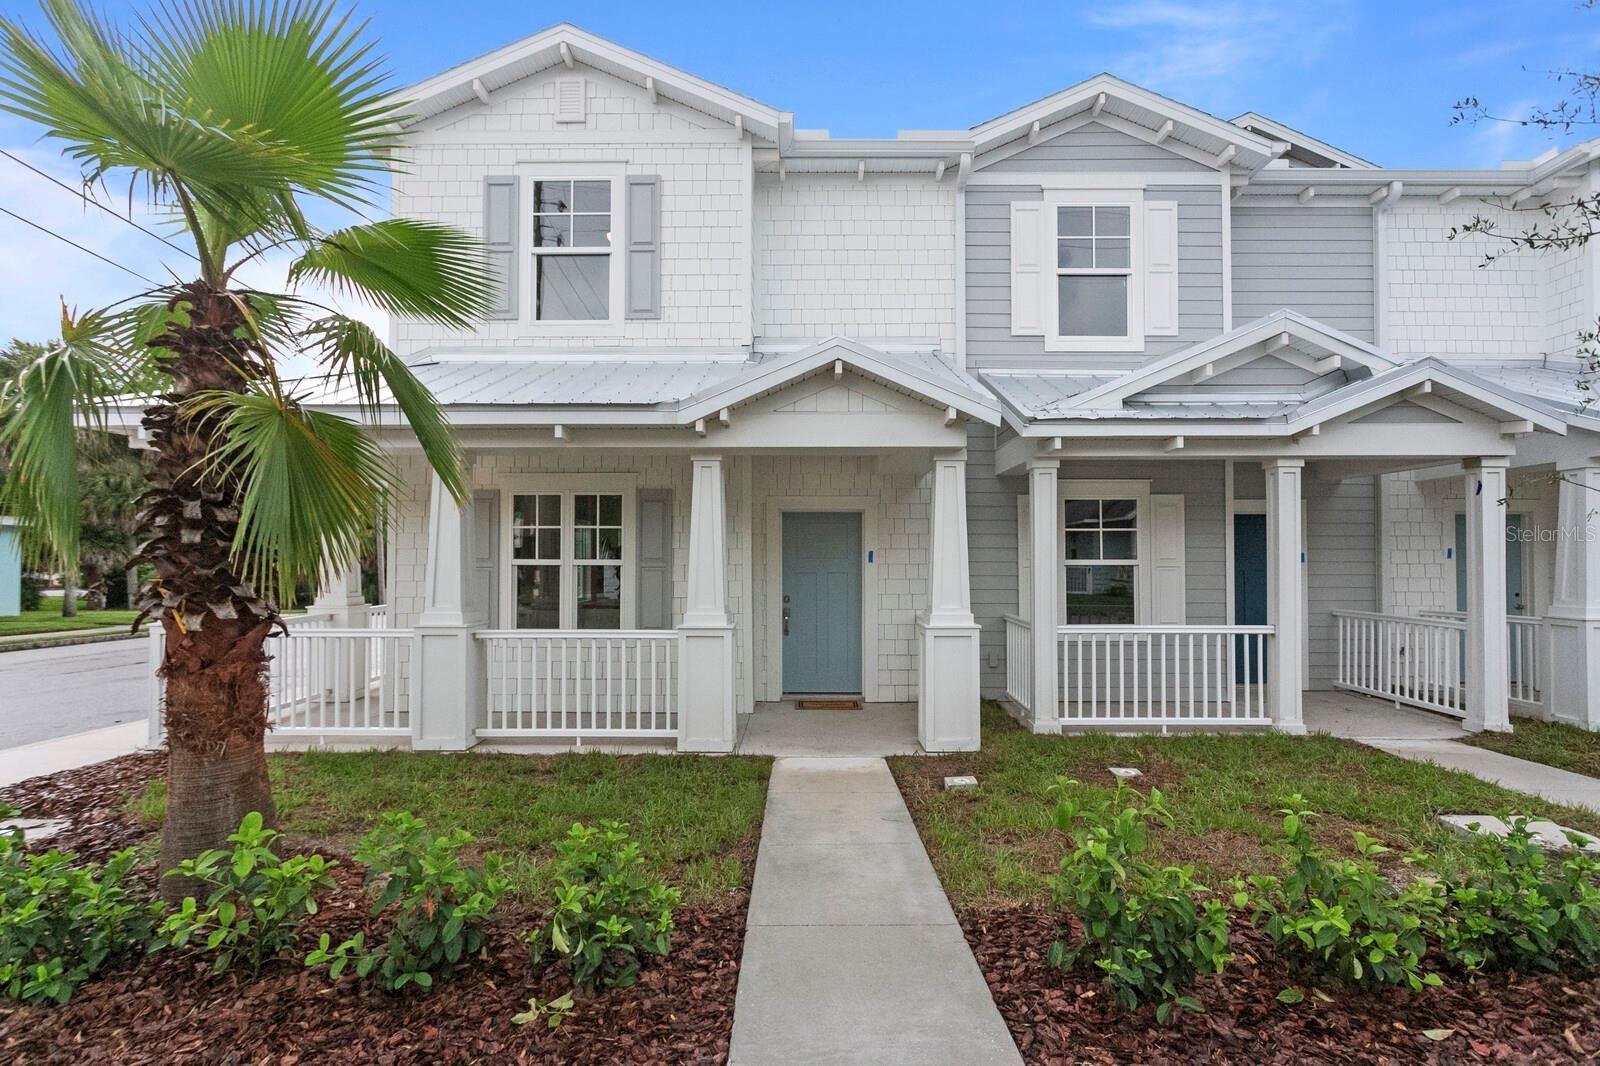 147 RING AVE N, Tarpon Springs, FL 34689 - MLS#: U8116230